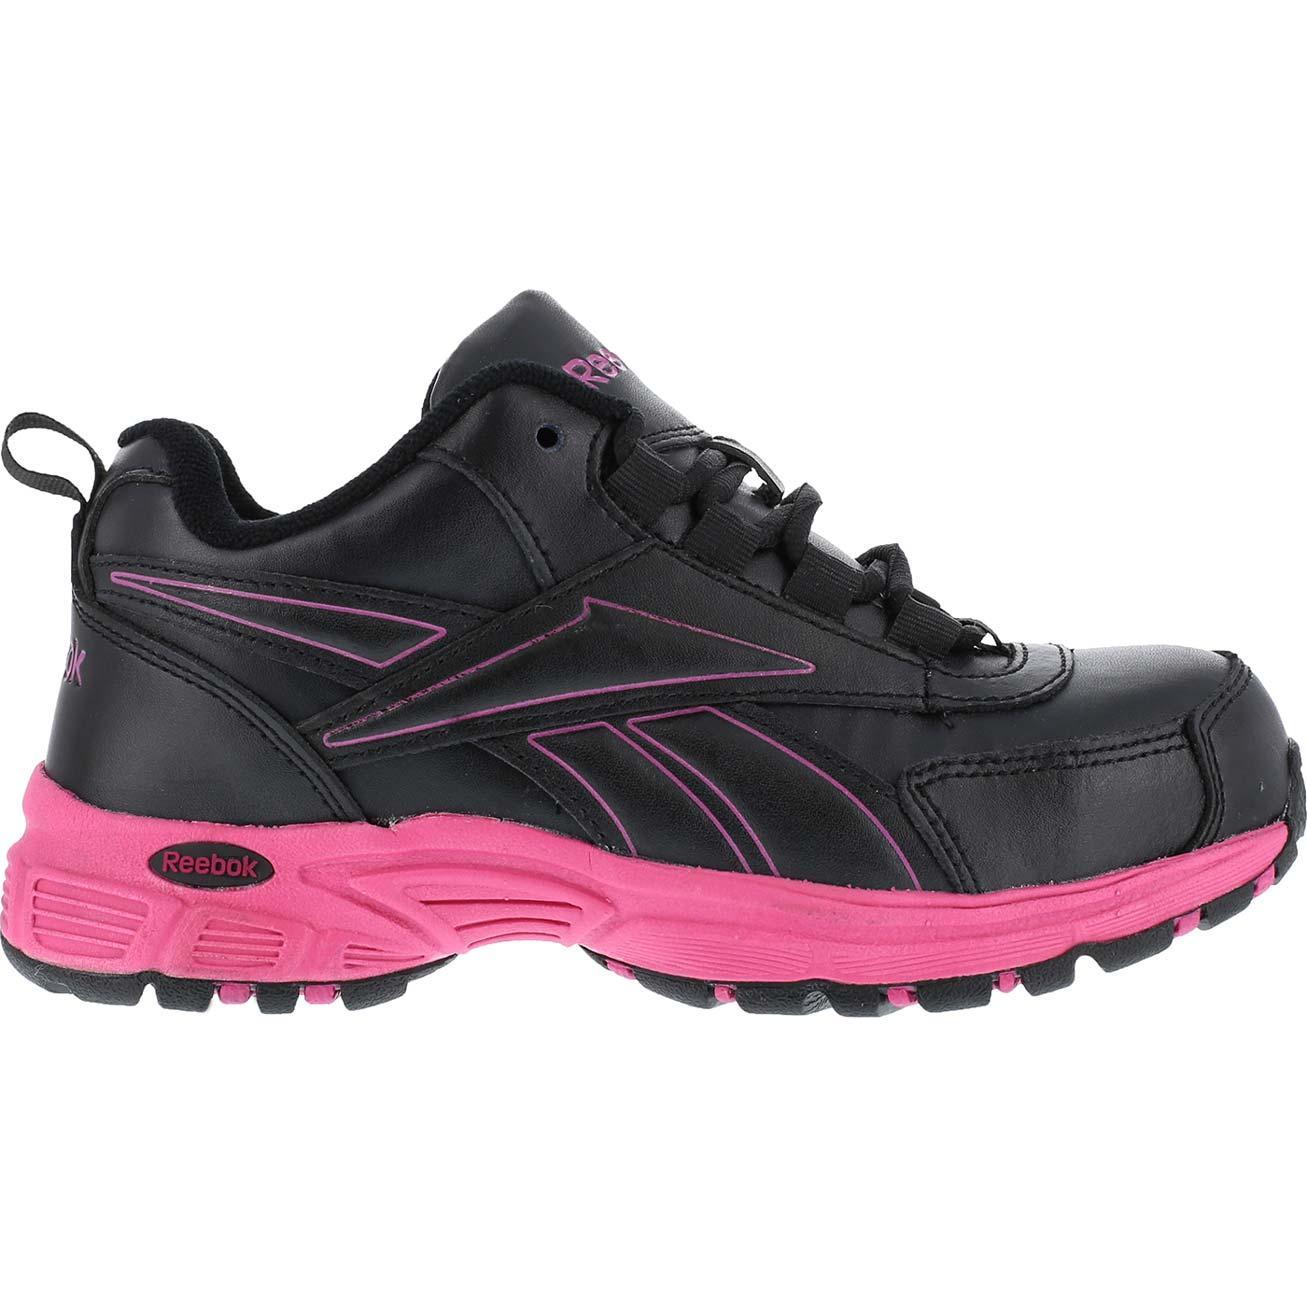 892977f45279 Reebok Ateron Women s Steel Toe Work Cross TrainerReebok Ateron Women s  Steel Toe Work Cross Trainer